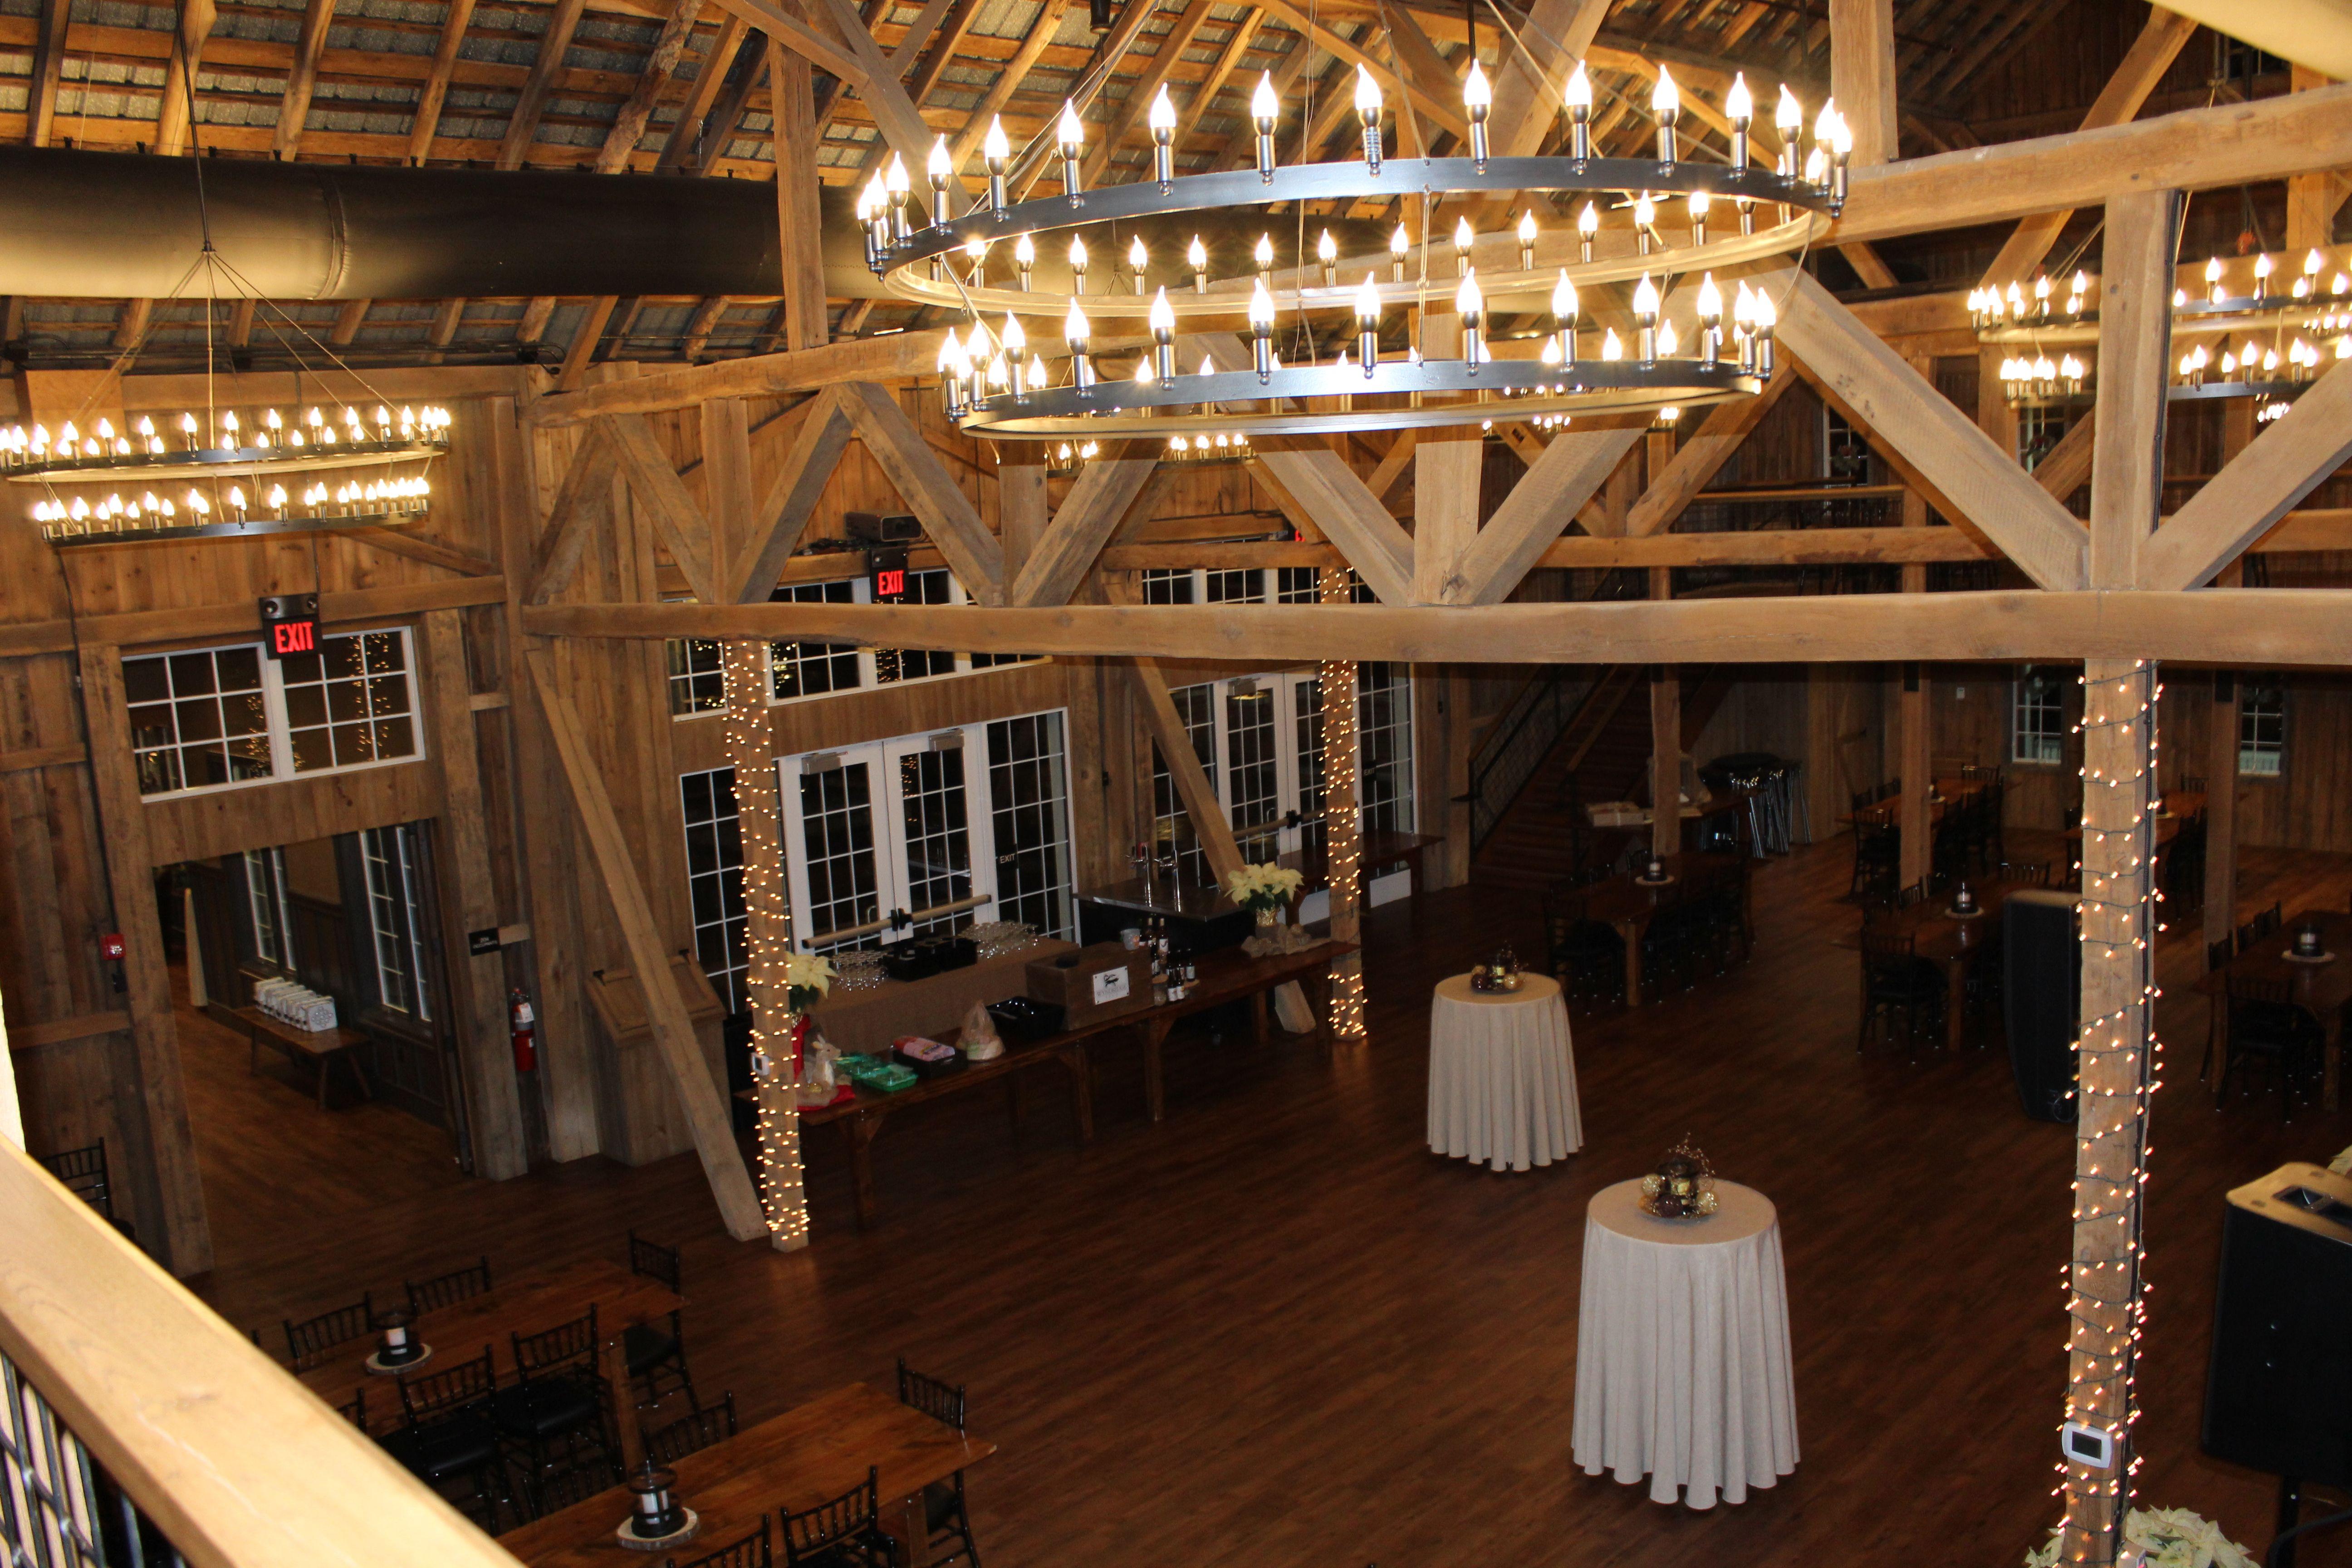 Wyndridge Farms Brewery and Wedding Venue near York